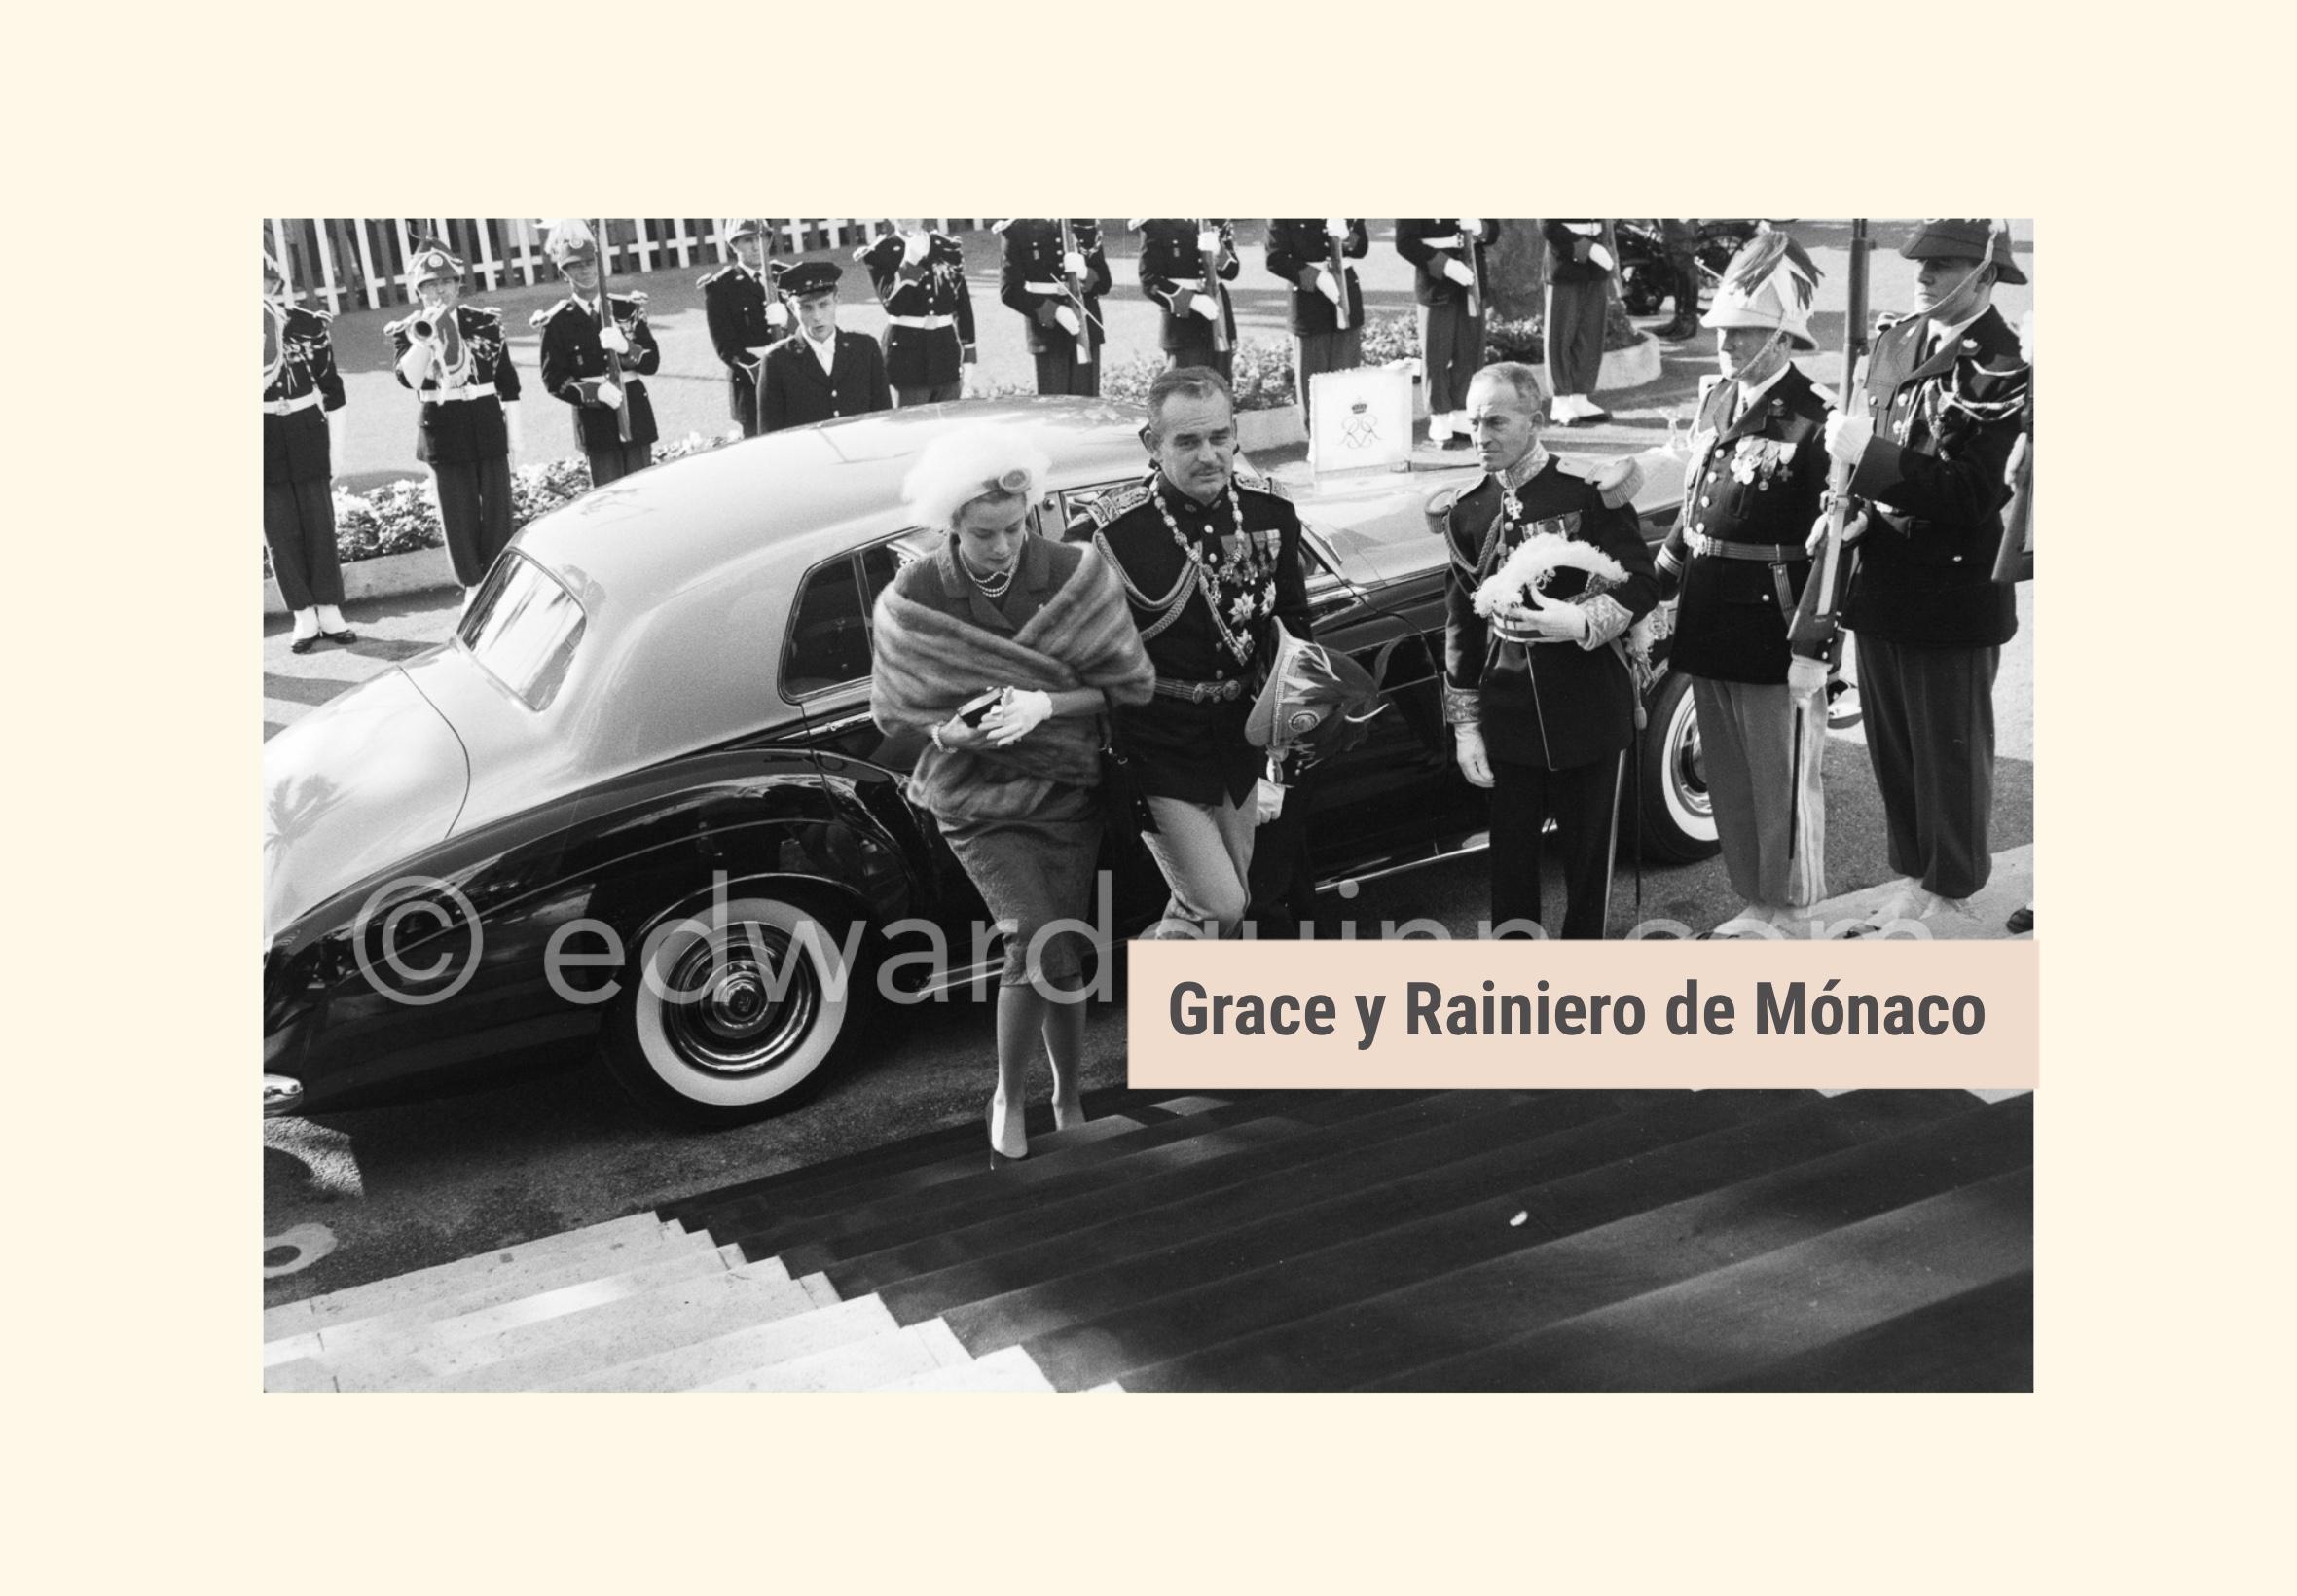 Grace y Rainiero de Mónaco